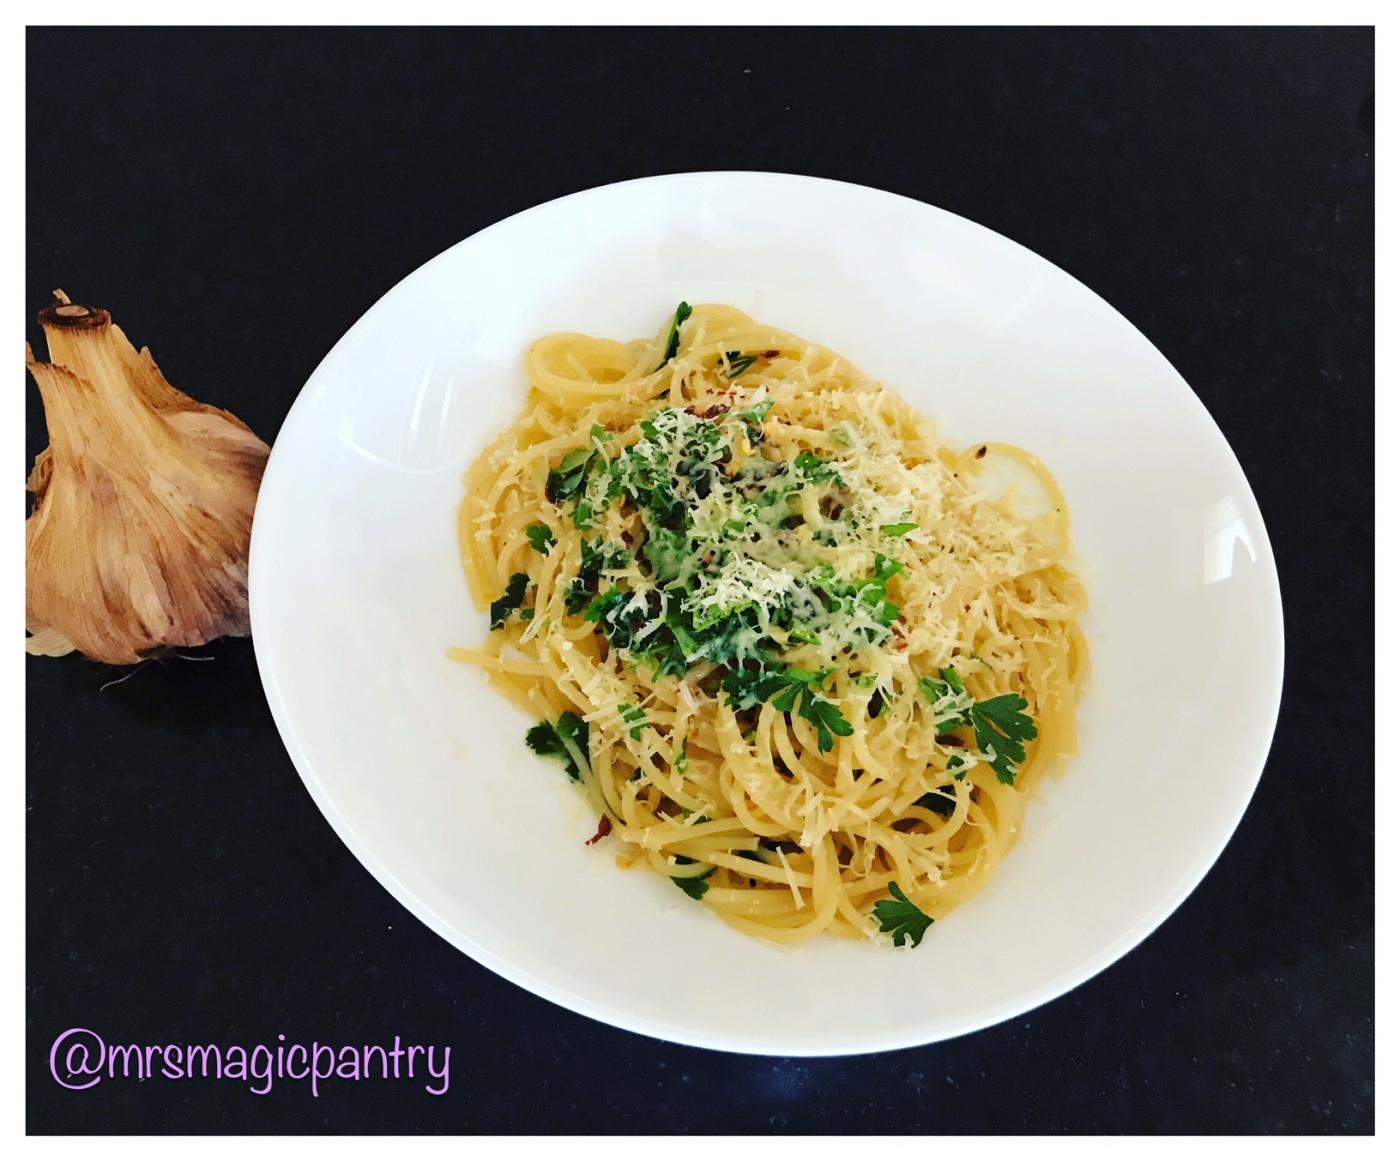 Smoked Garlic Spaghetti Aglio e Olio